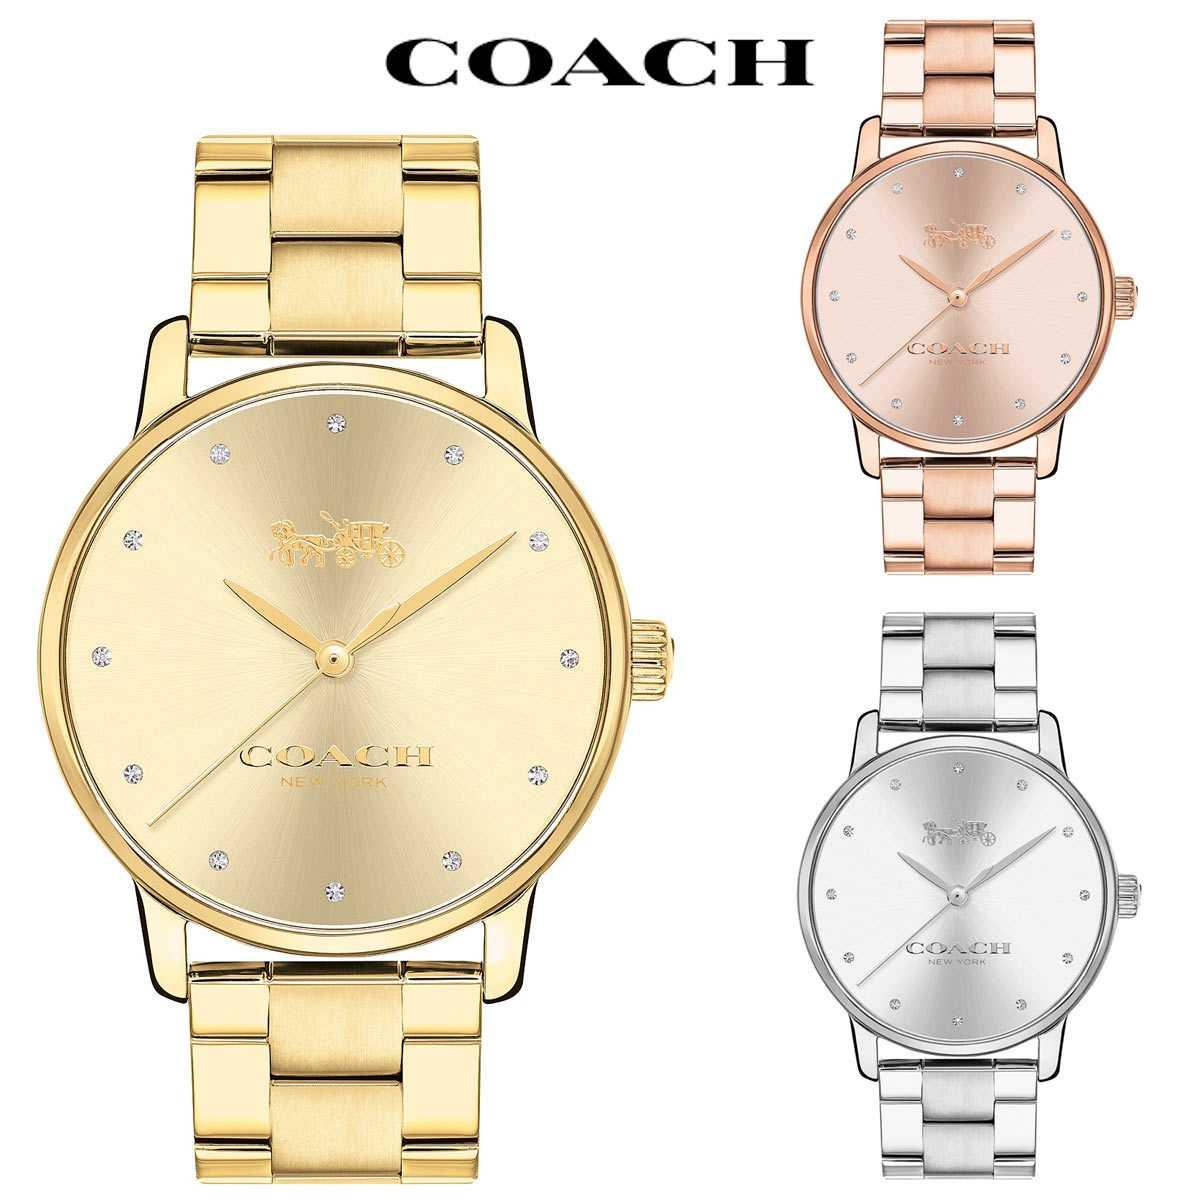 ブリーカー 腕時計 コーチ レディース 女性 グランド 後払い COACH おしゃれ 時計 ブランド かわいい